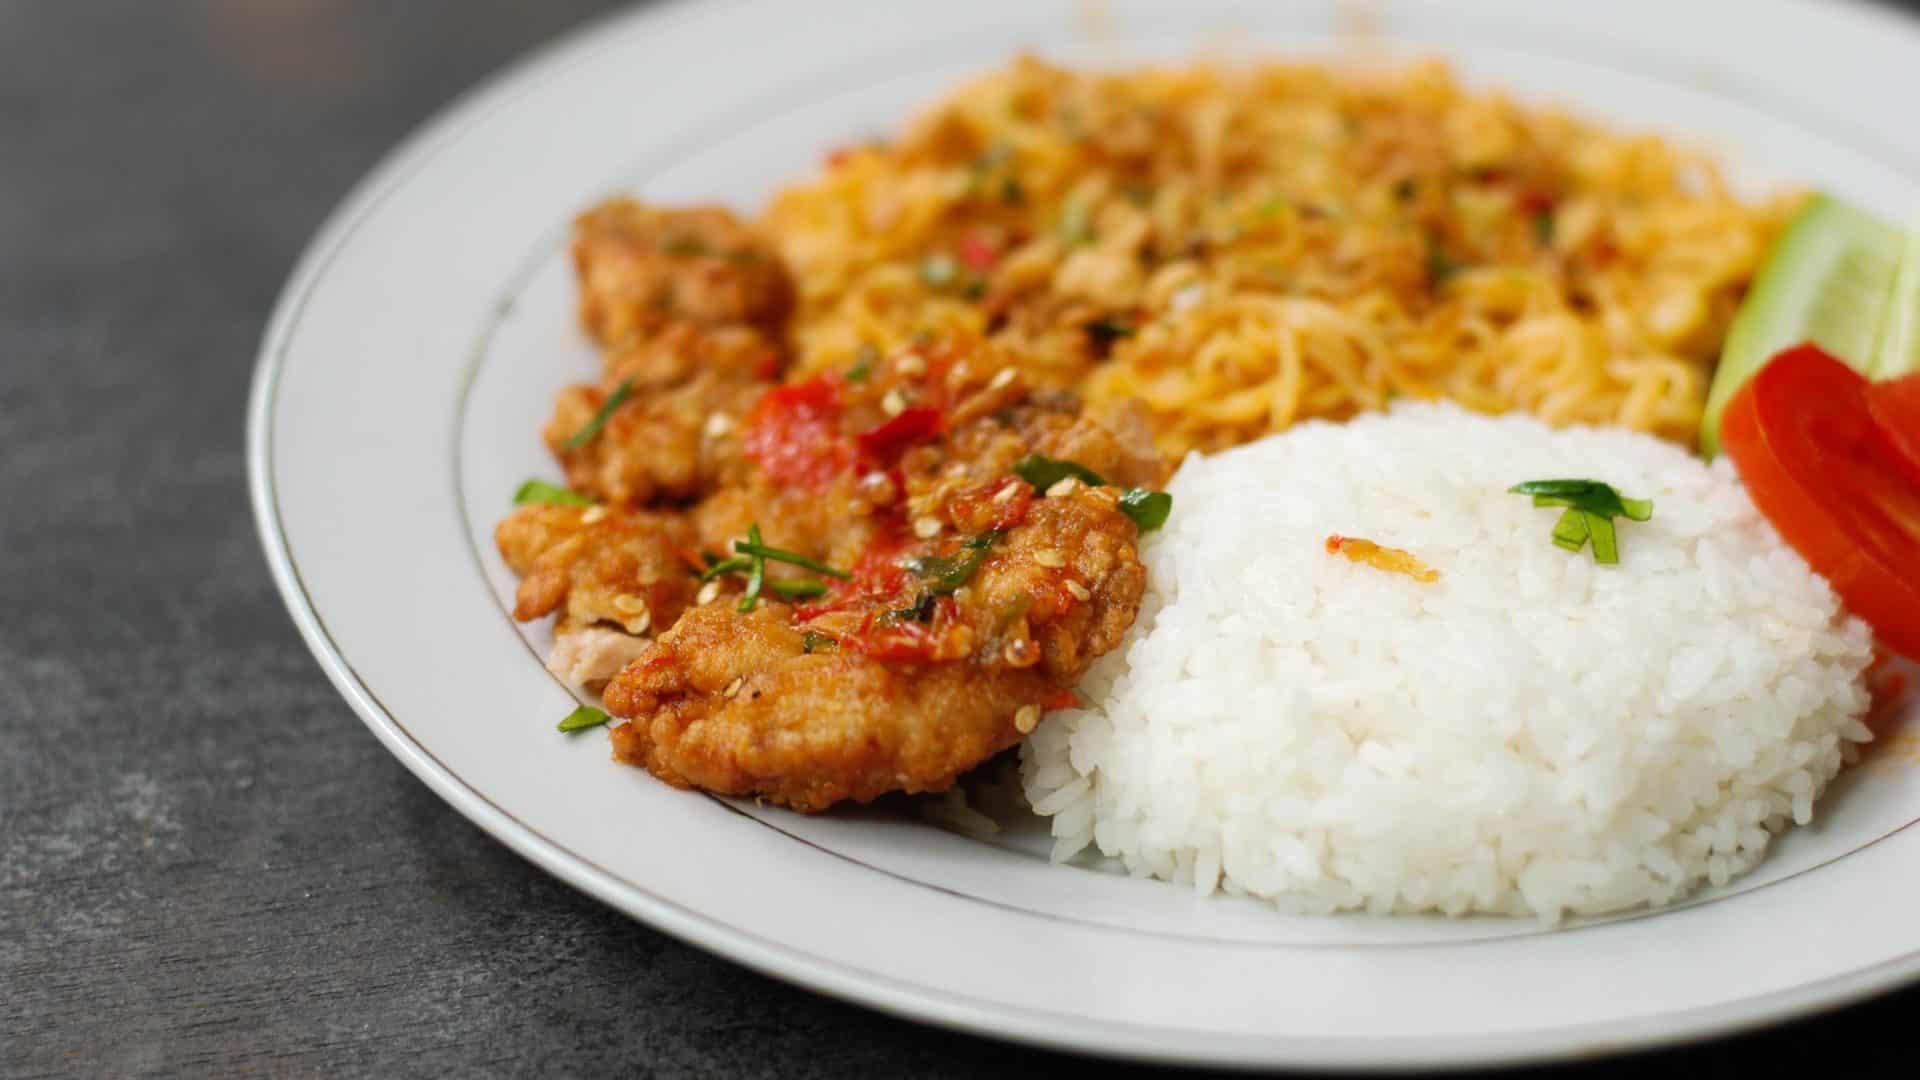 Noodles met vlees en witte rijst op een bordje